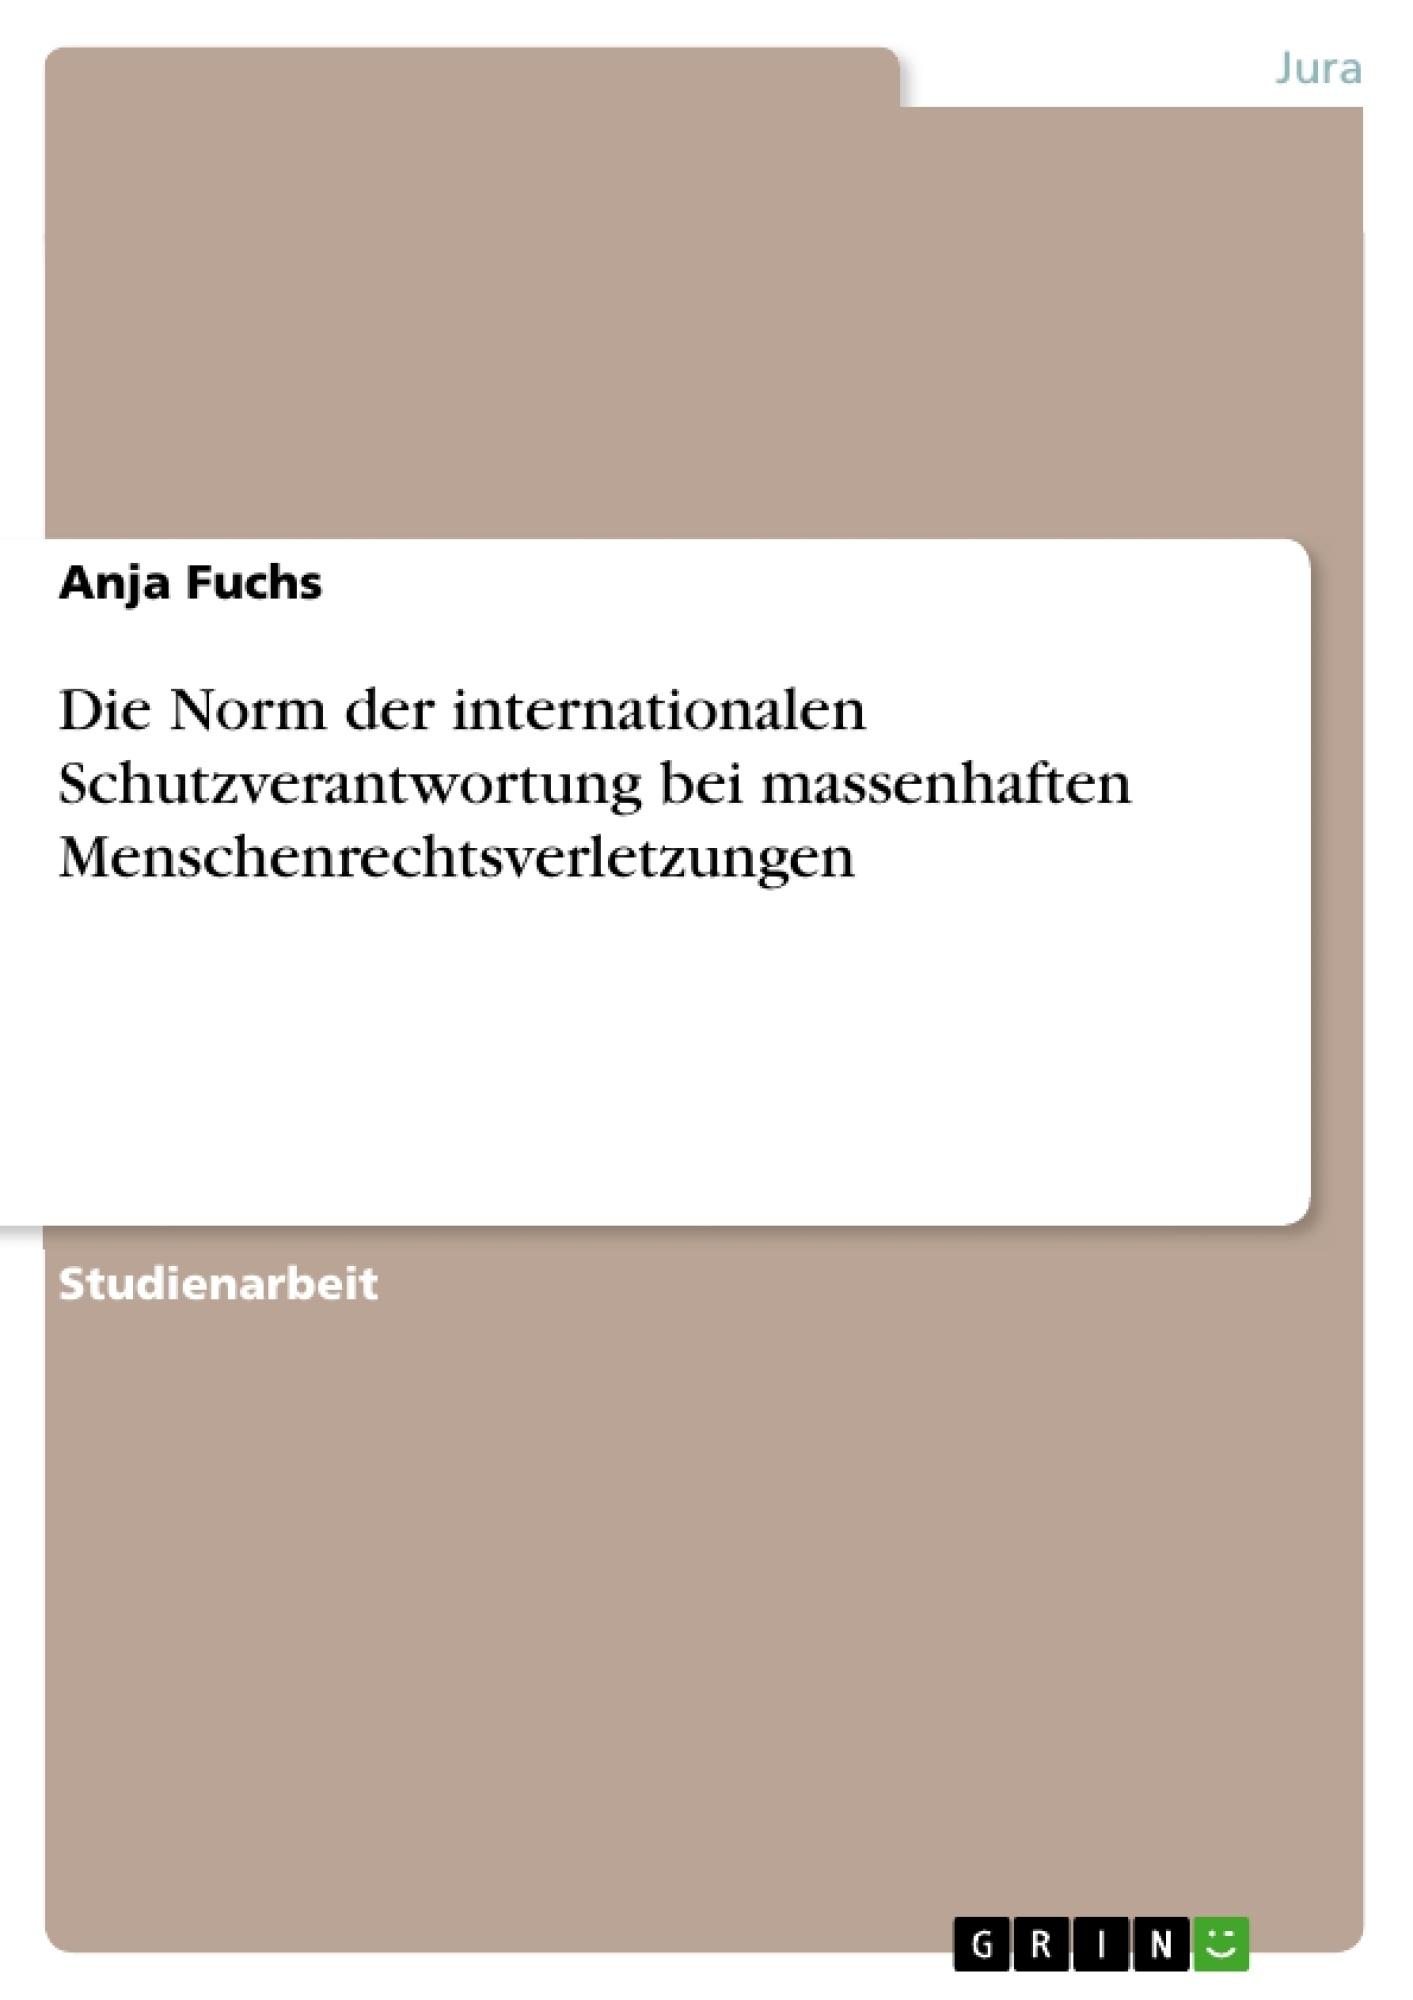 Titel: Die Norm der internationalen Schutzverantwortung bei massenhaften Menschenrechtsverletzungen